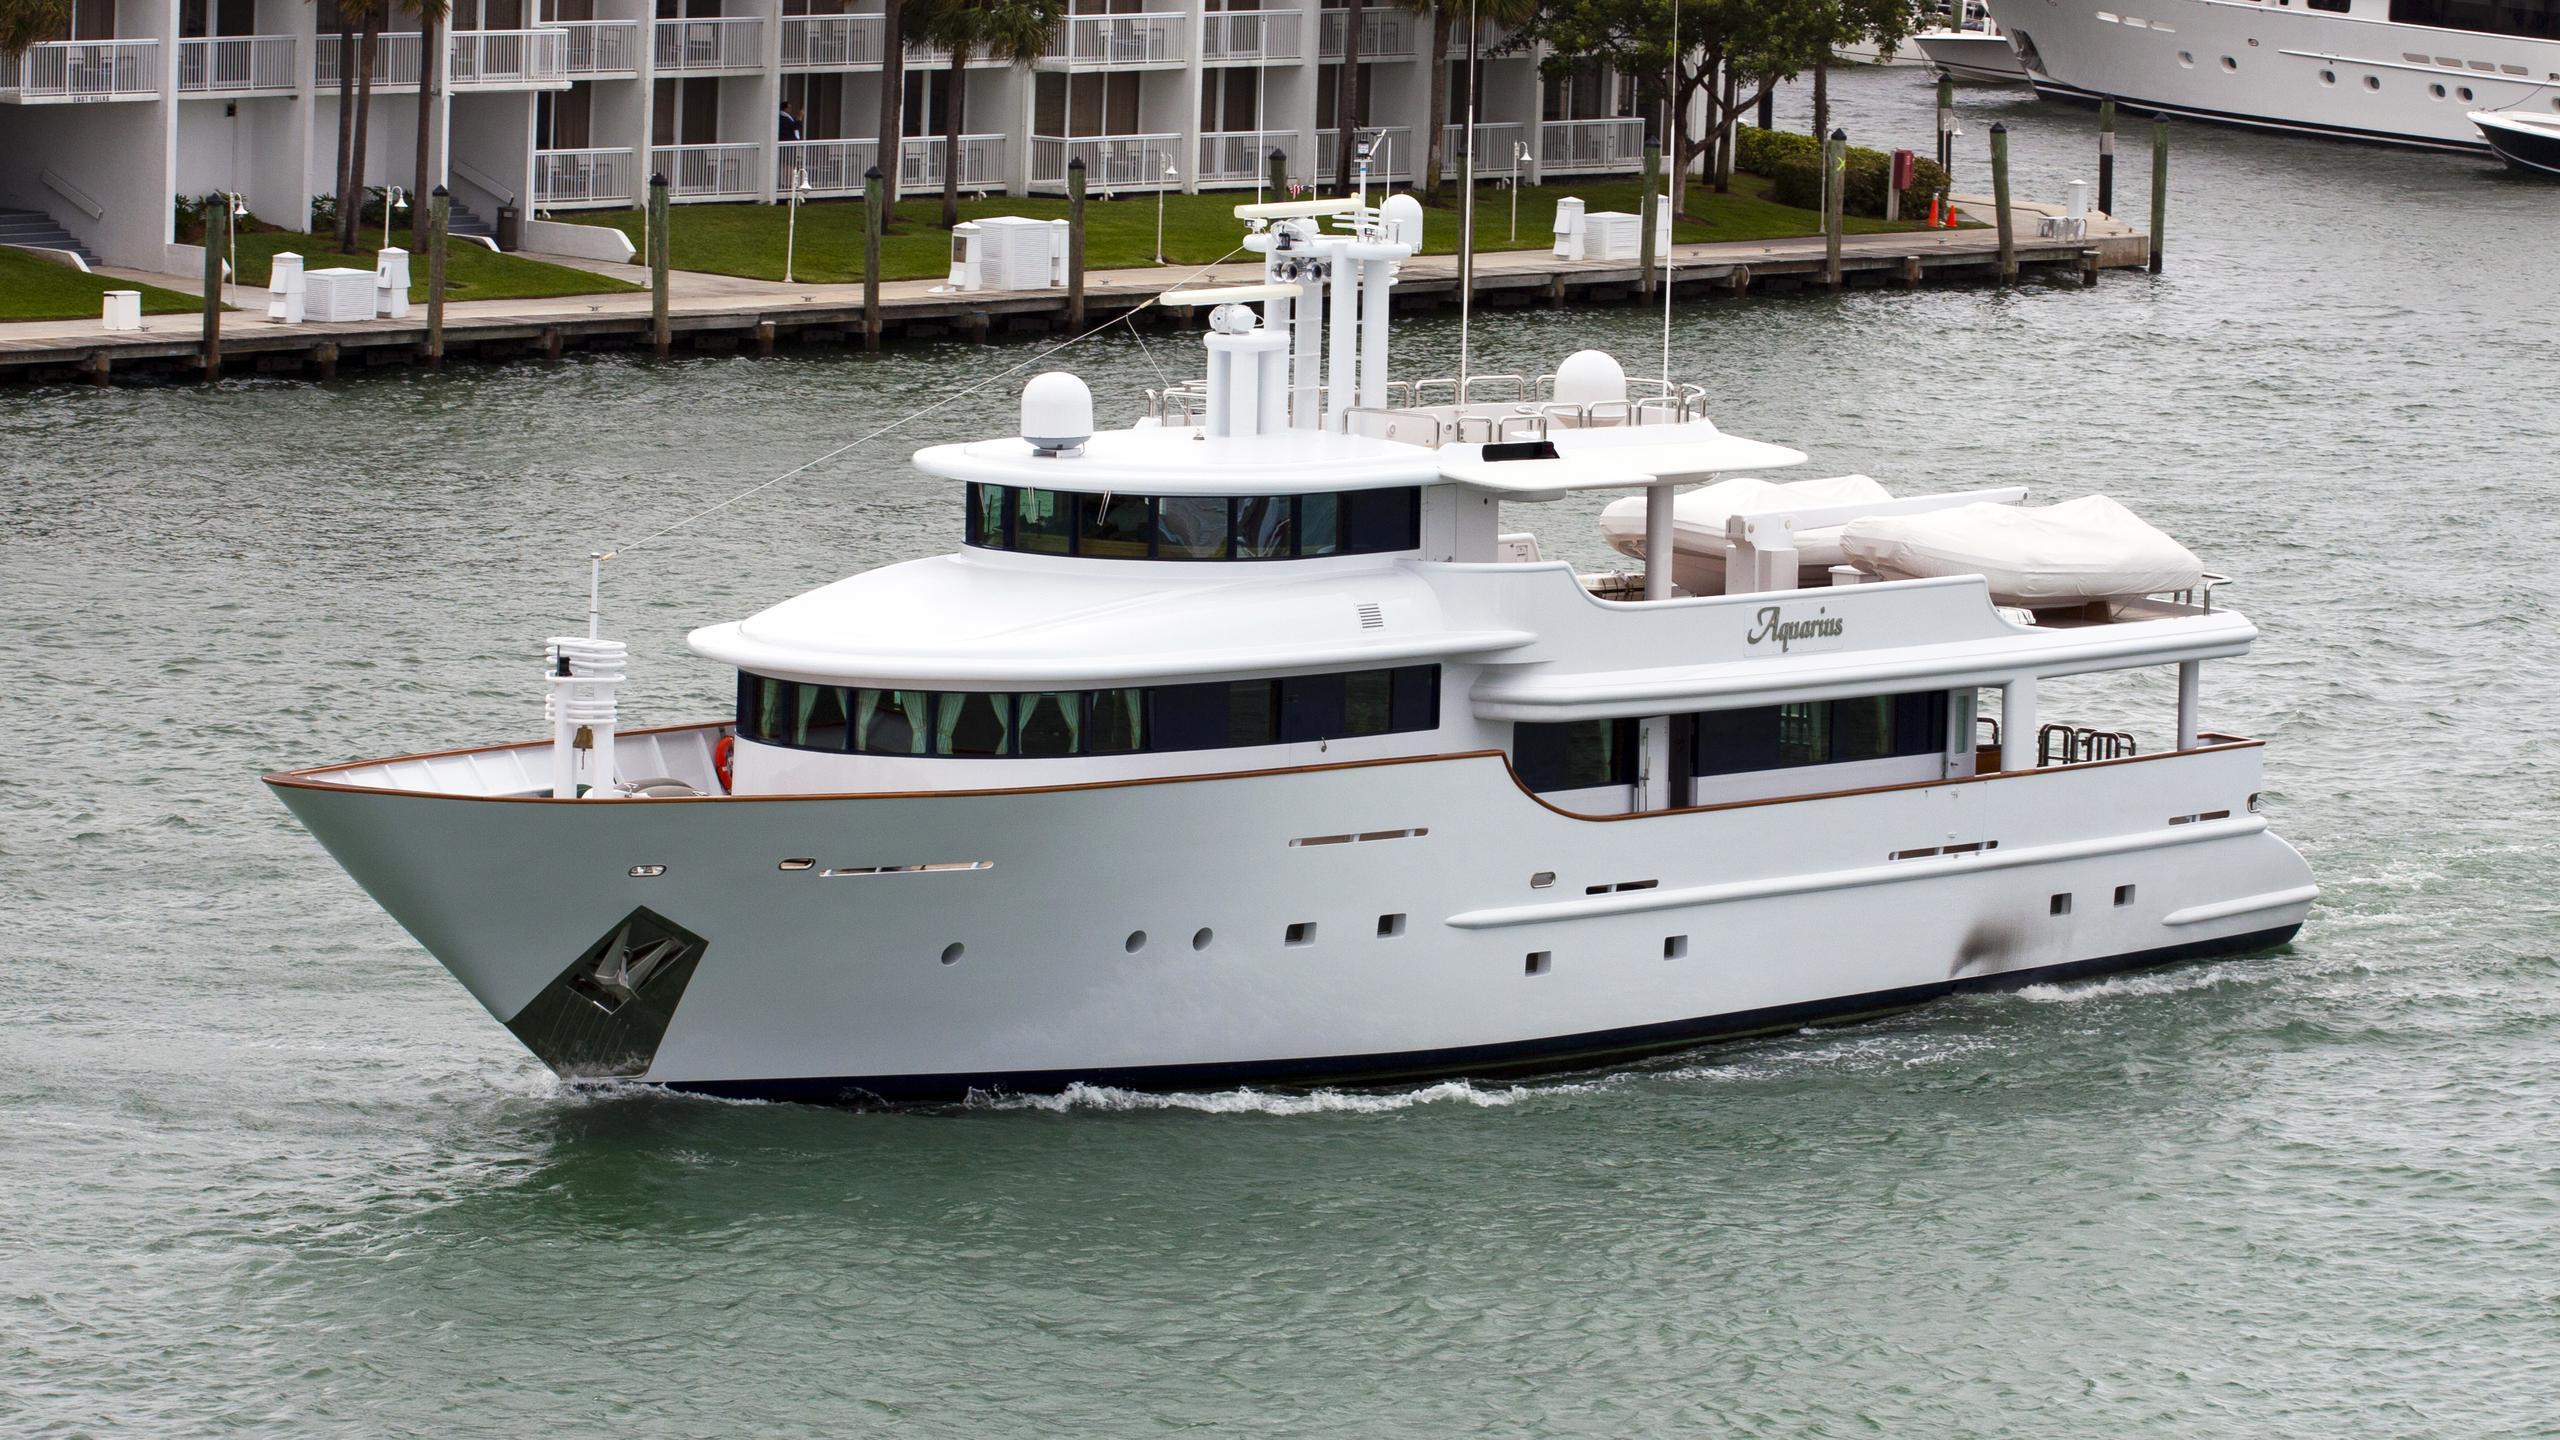 aquarius-yacht-exterior